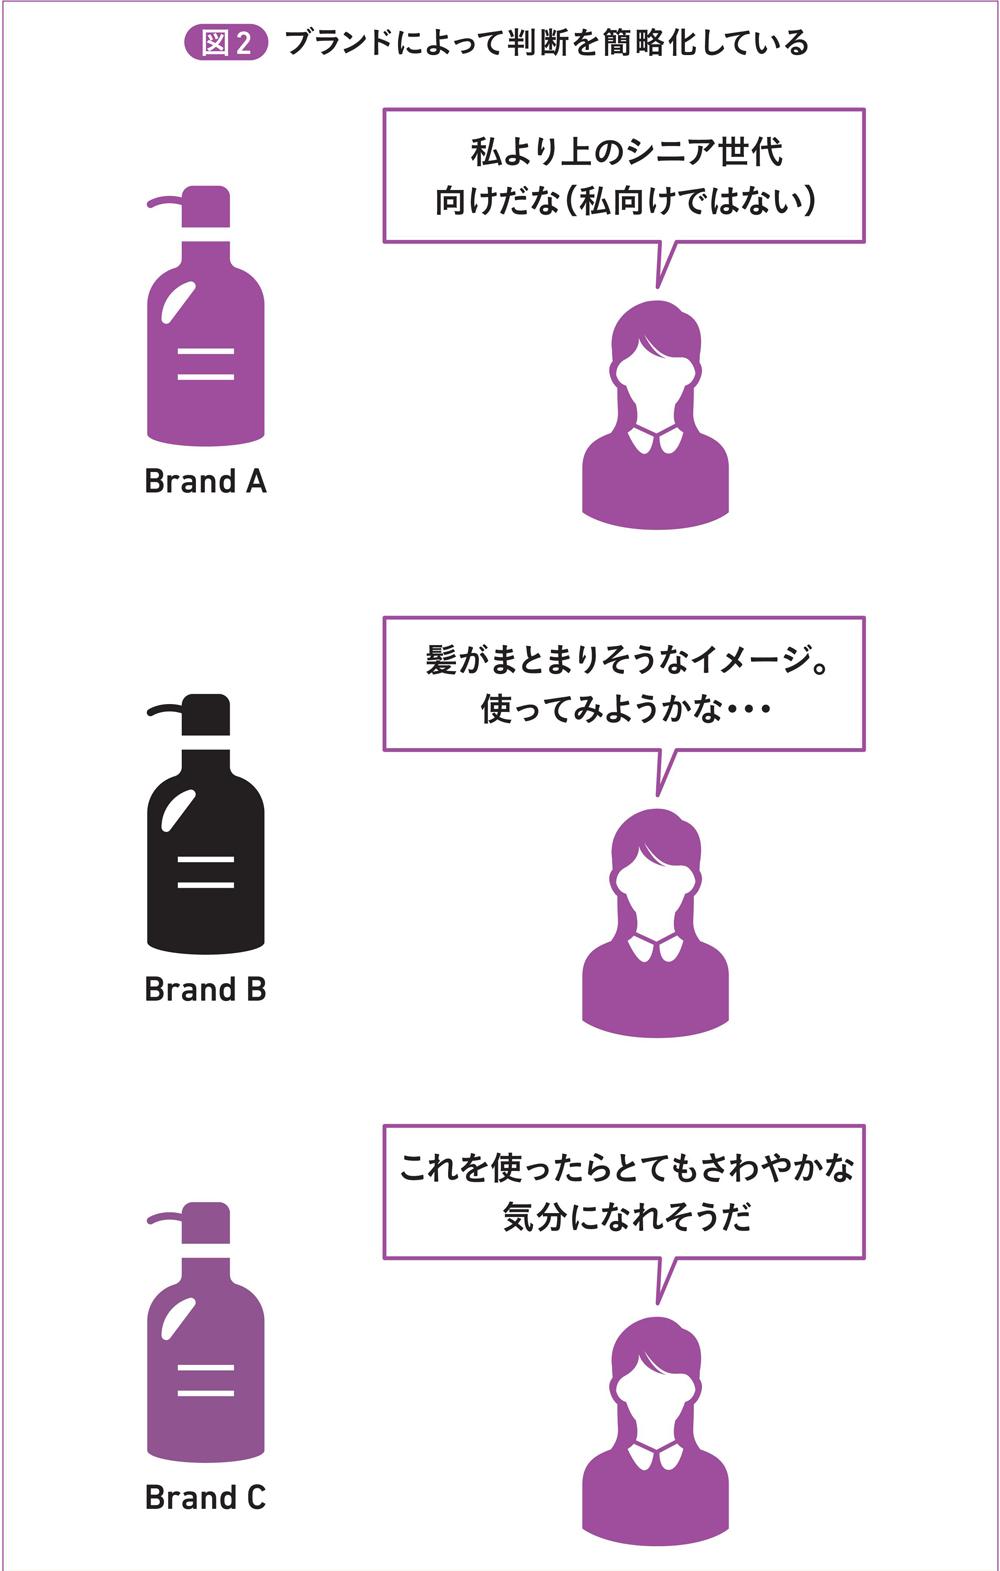 図2 ブランドによって判断を簡略化している